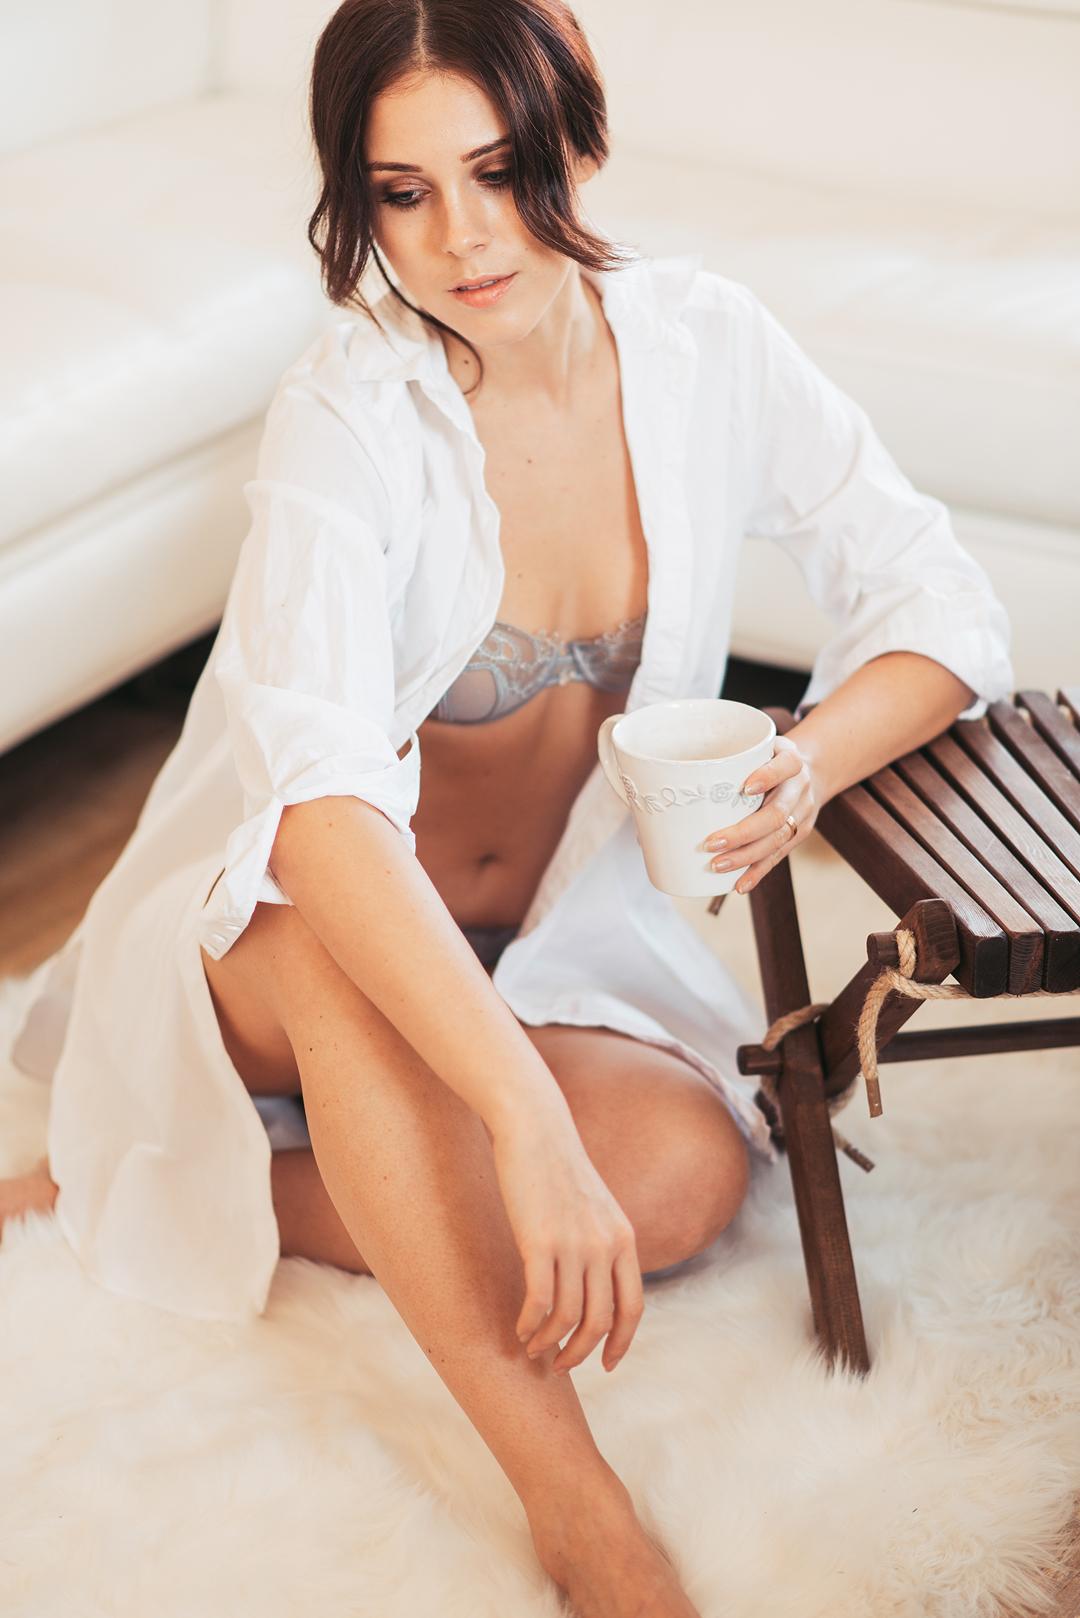 eva-ahacevcic_love-eva_daretodream_lisca_spodnje-perilo_lingerie-2